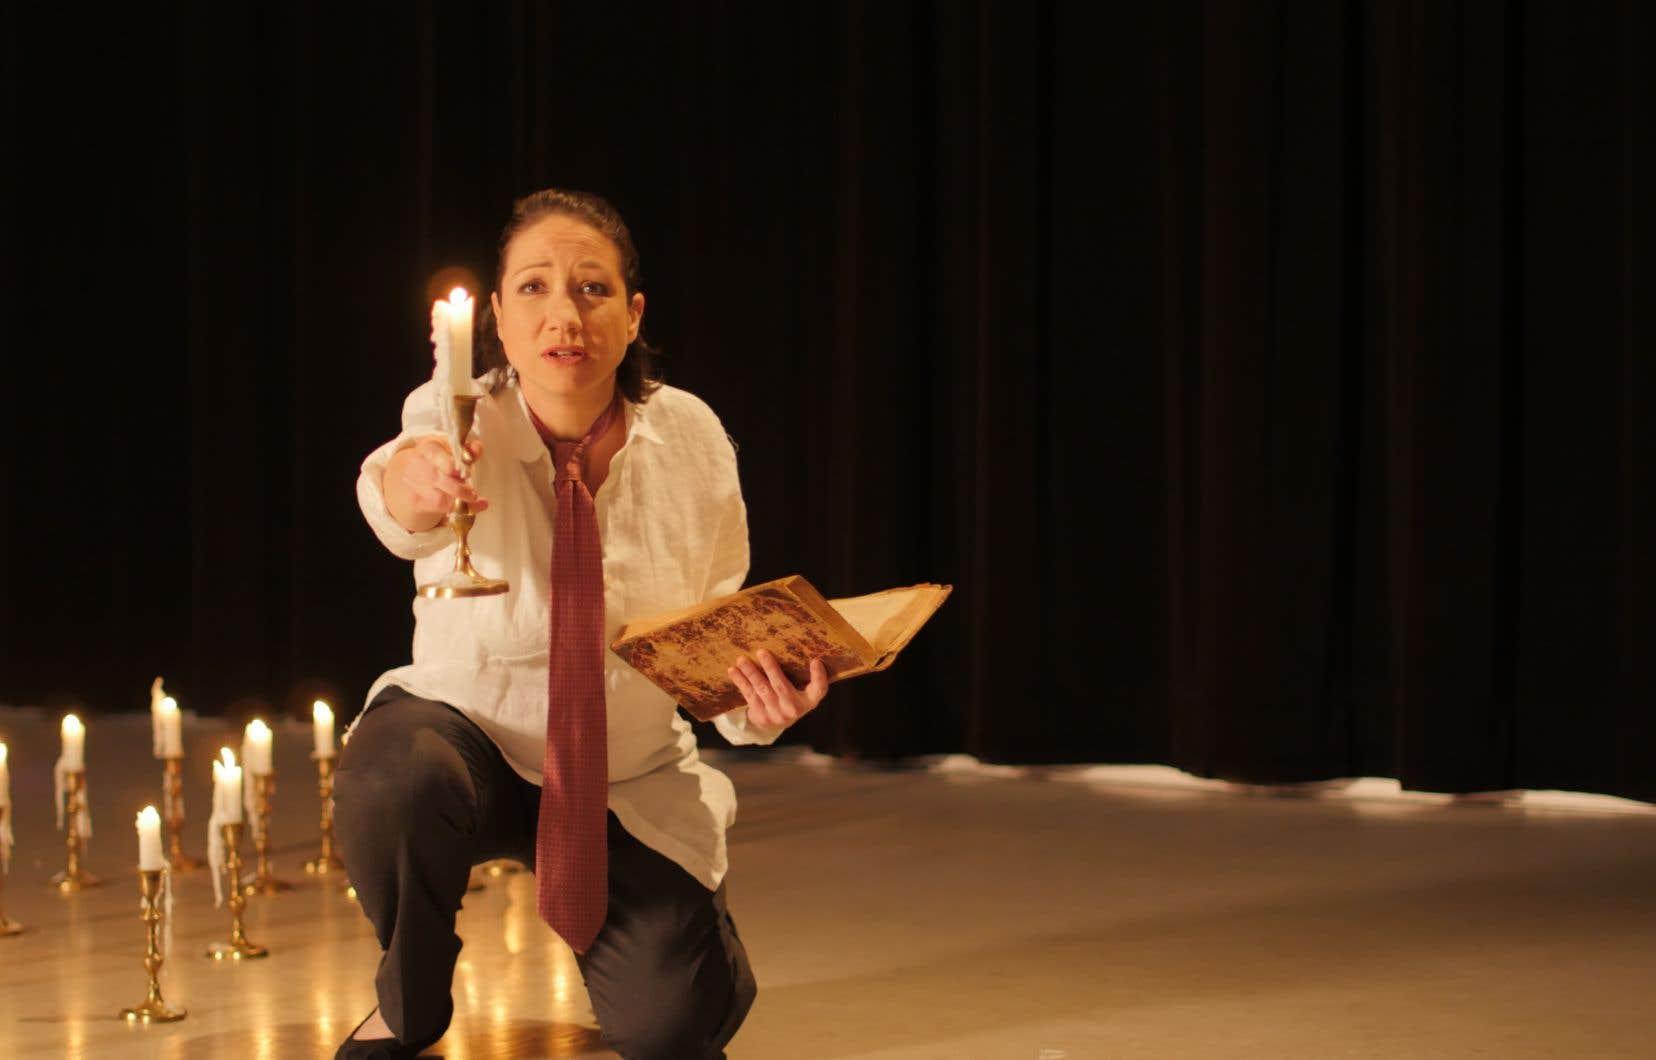 Chants Libres ouvre le bal du feu d'artifice final de la série hommage à Evangelista avec la reprise de «La porte».